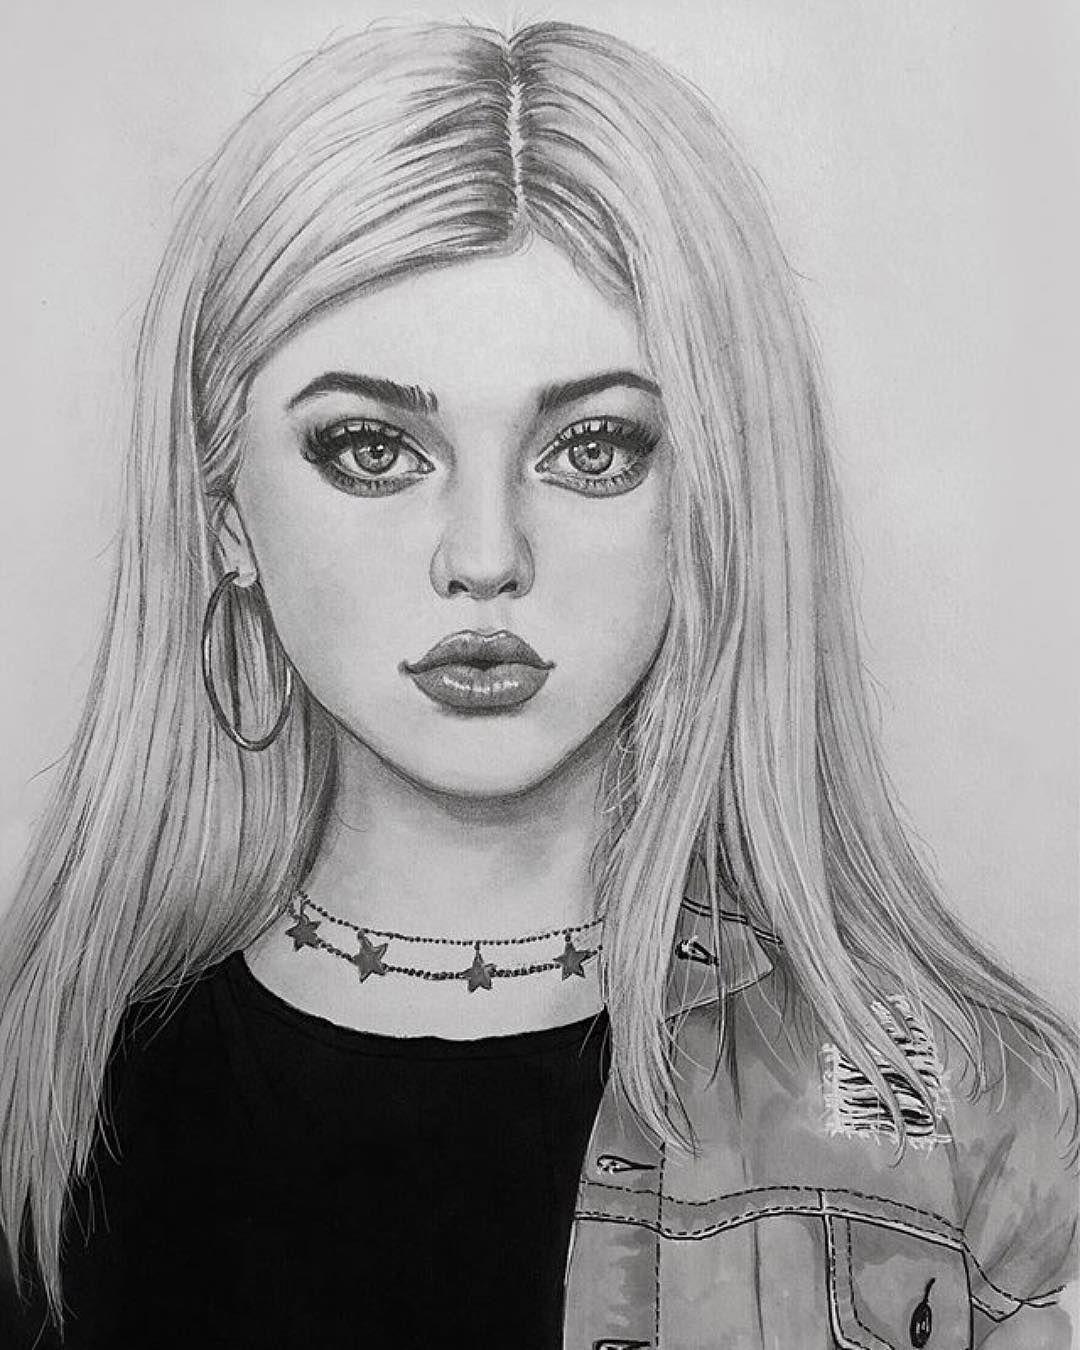 Картинки срисовать карандашом девочек